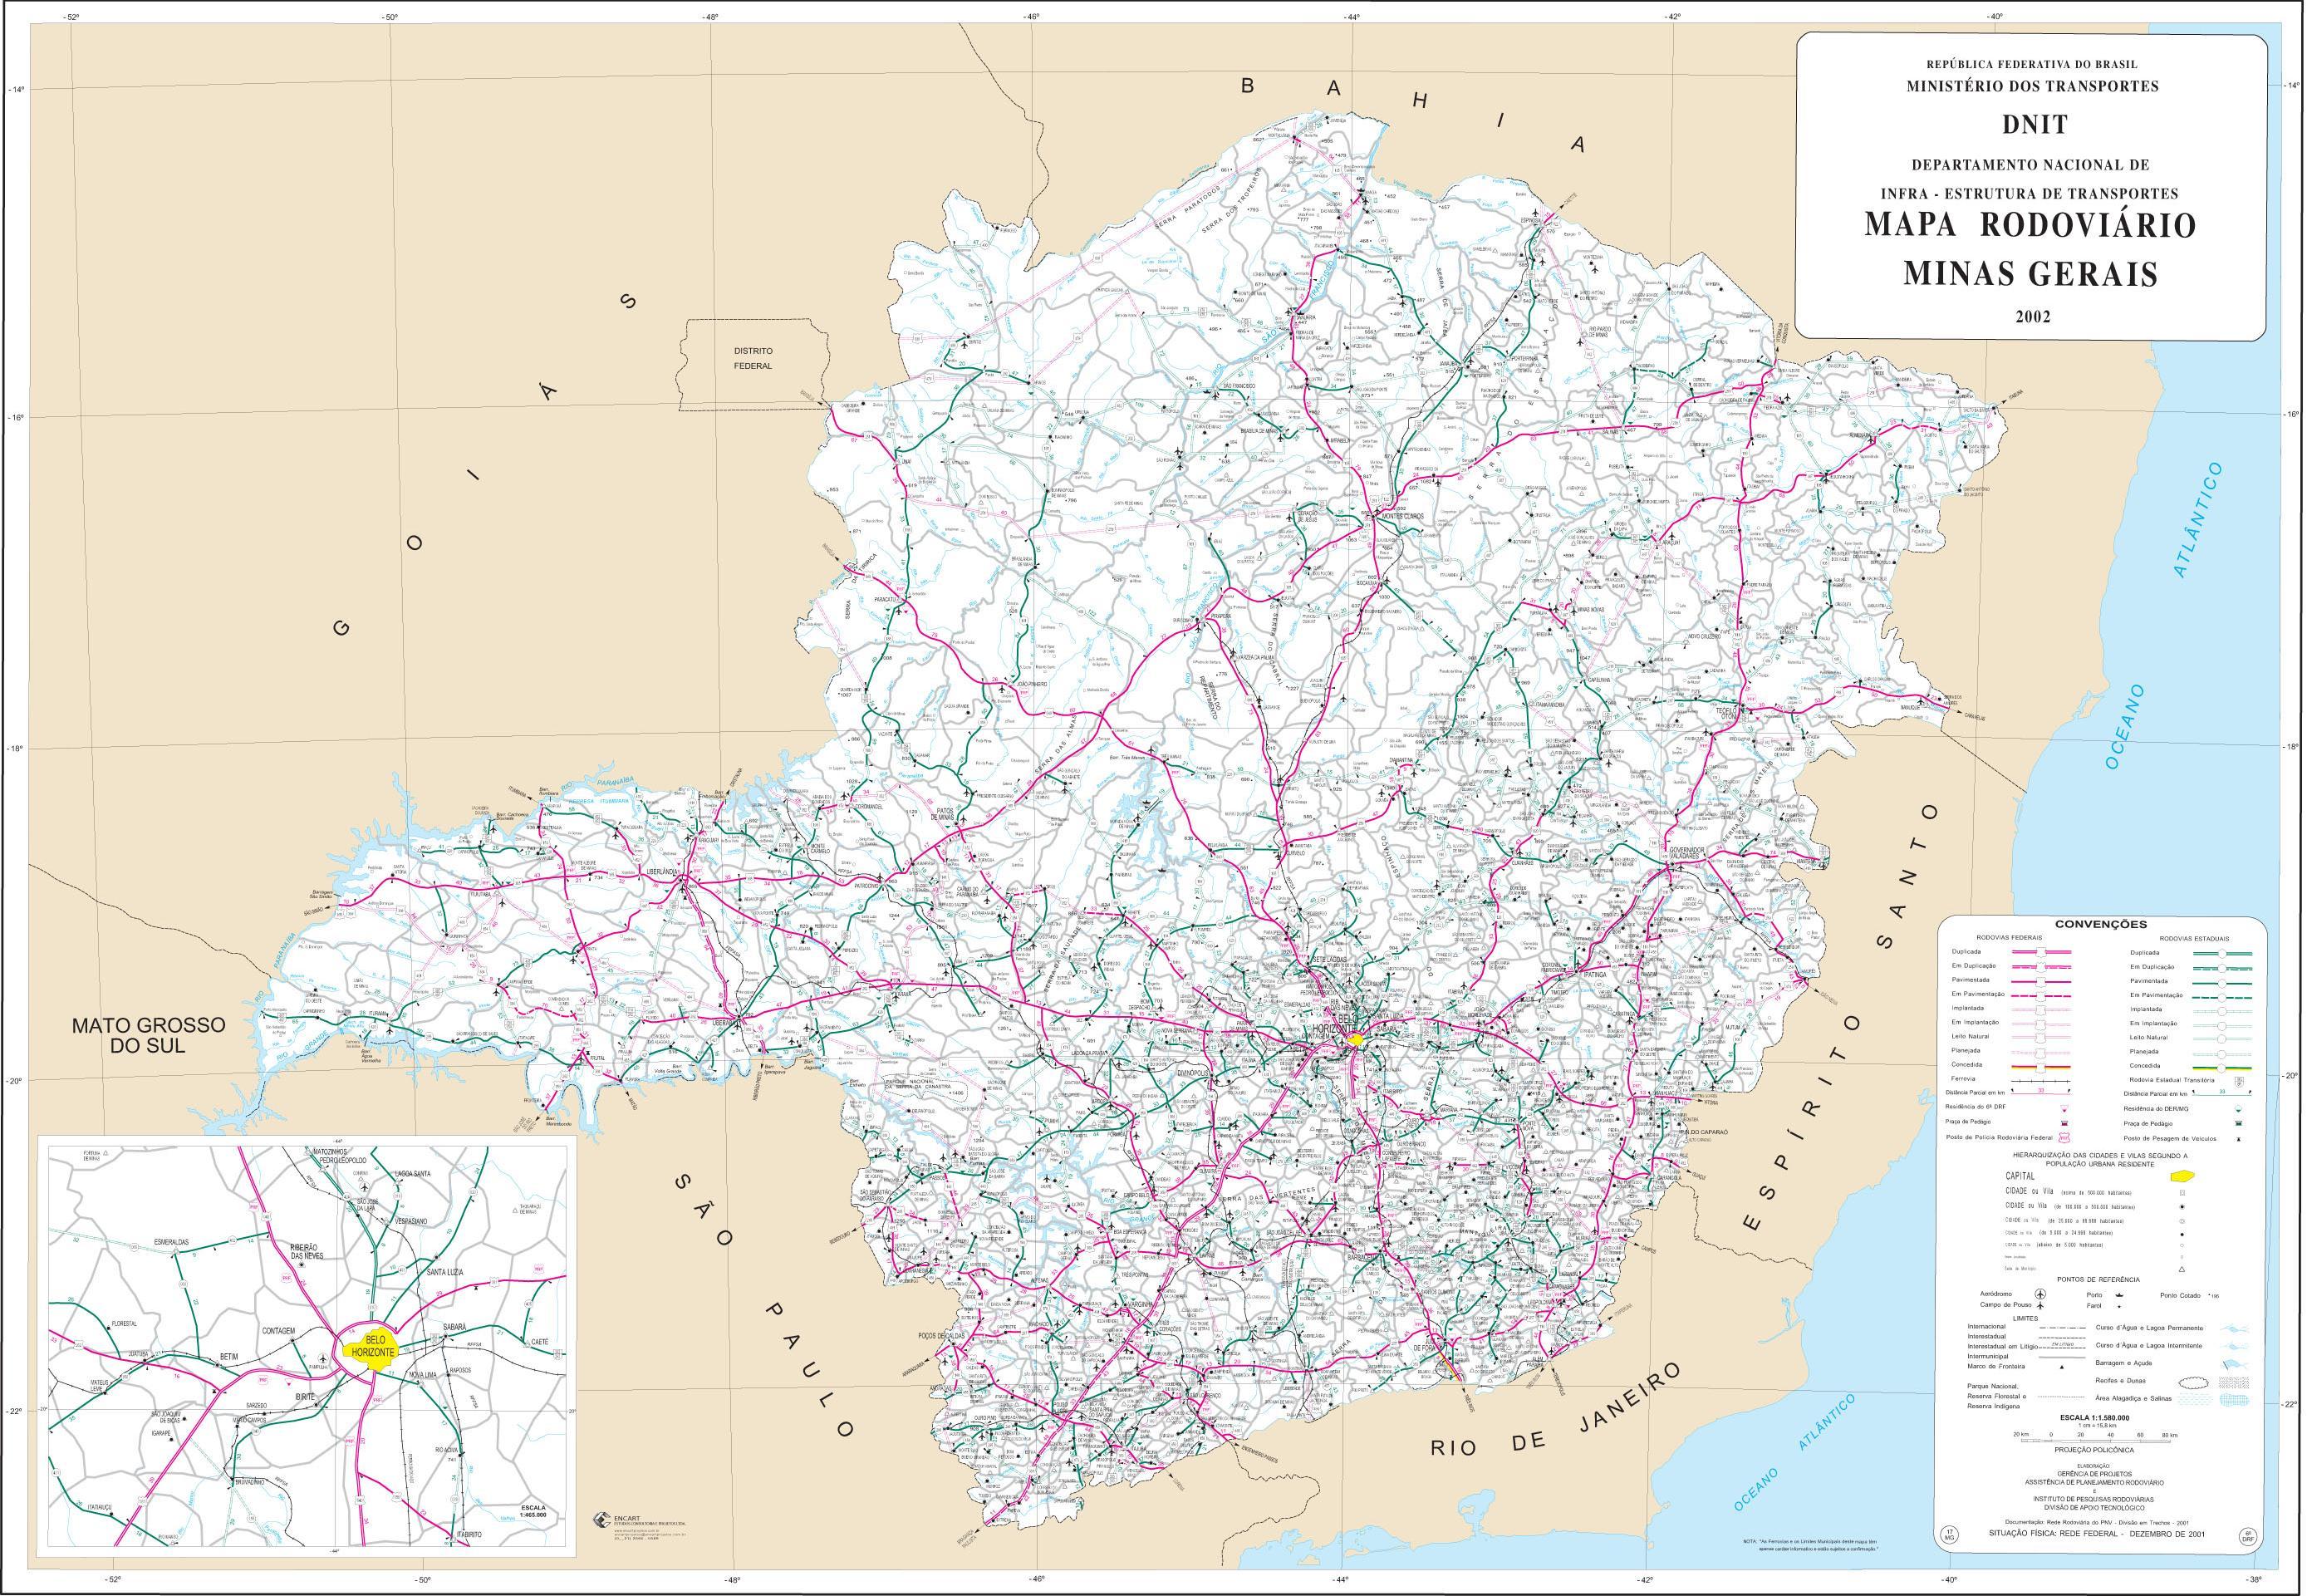 Mapa de Carreteras Federales y Estatales del Edo. de Minas Gerais, Brasil